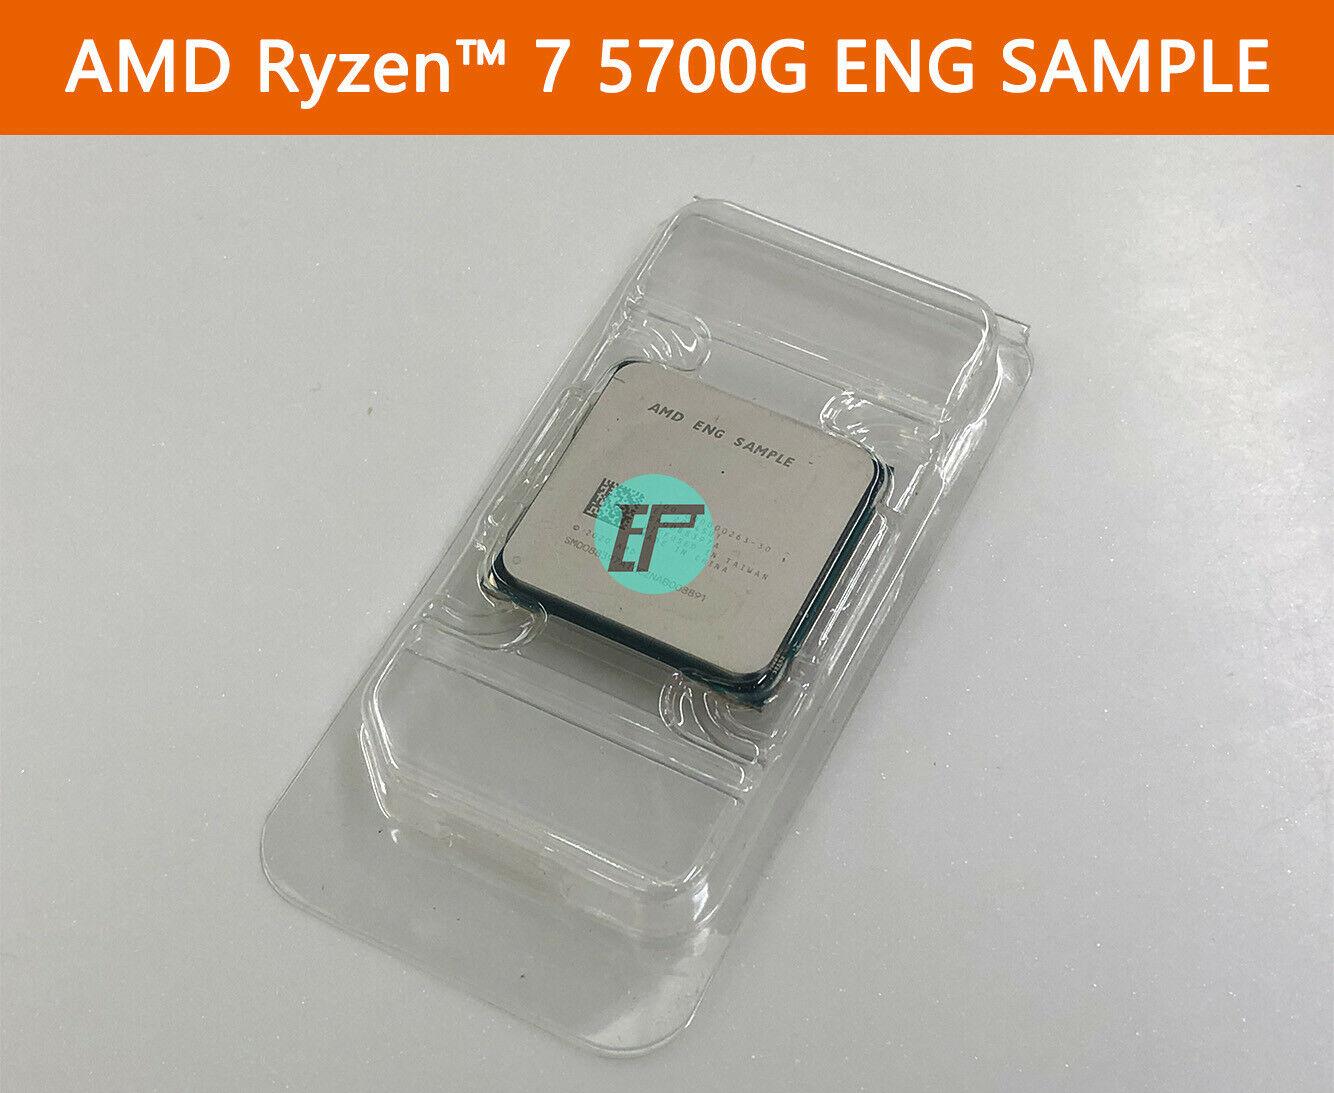 Инженерный образец AMD Ryzen 7 5700G продаётся на eBay